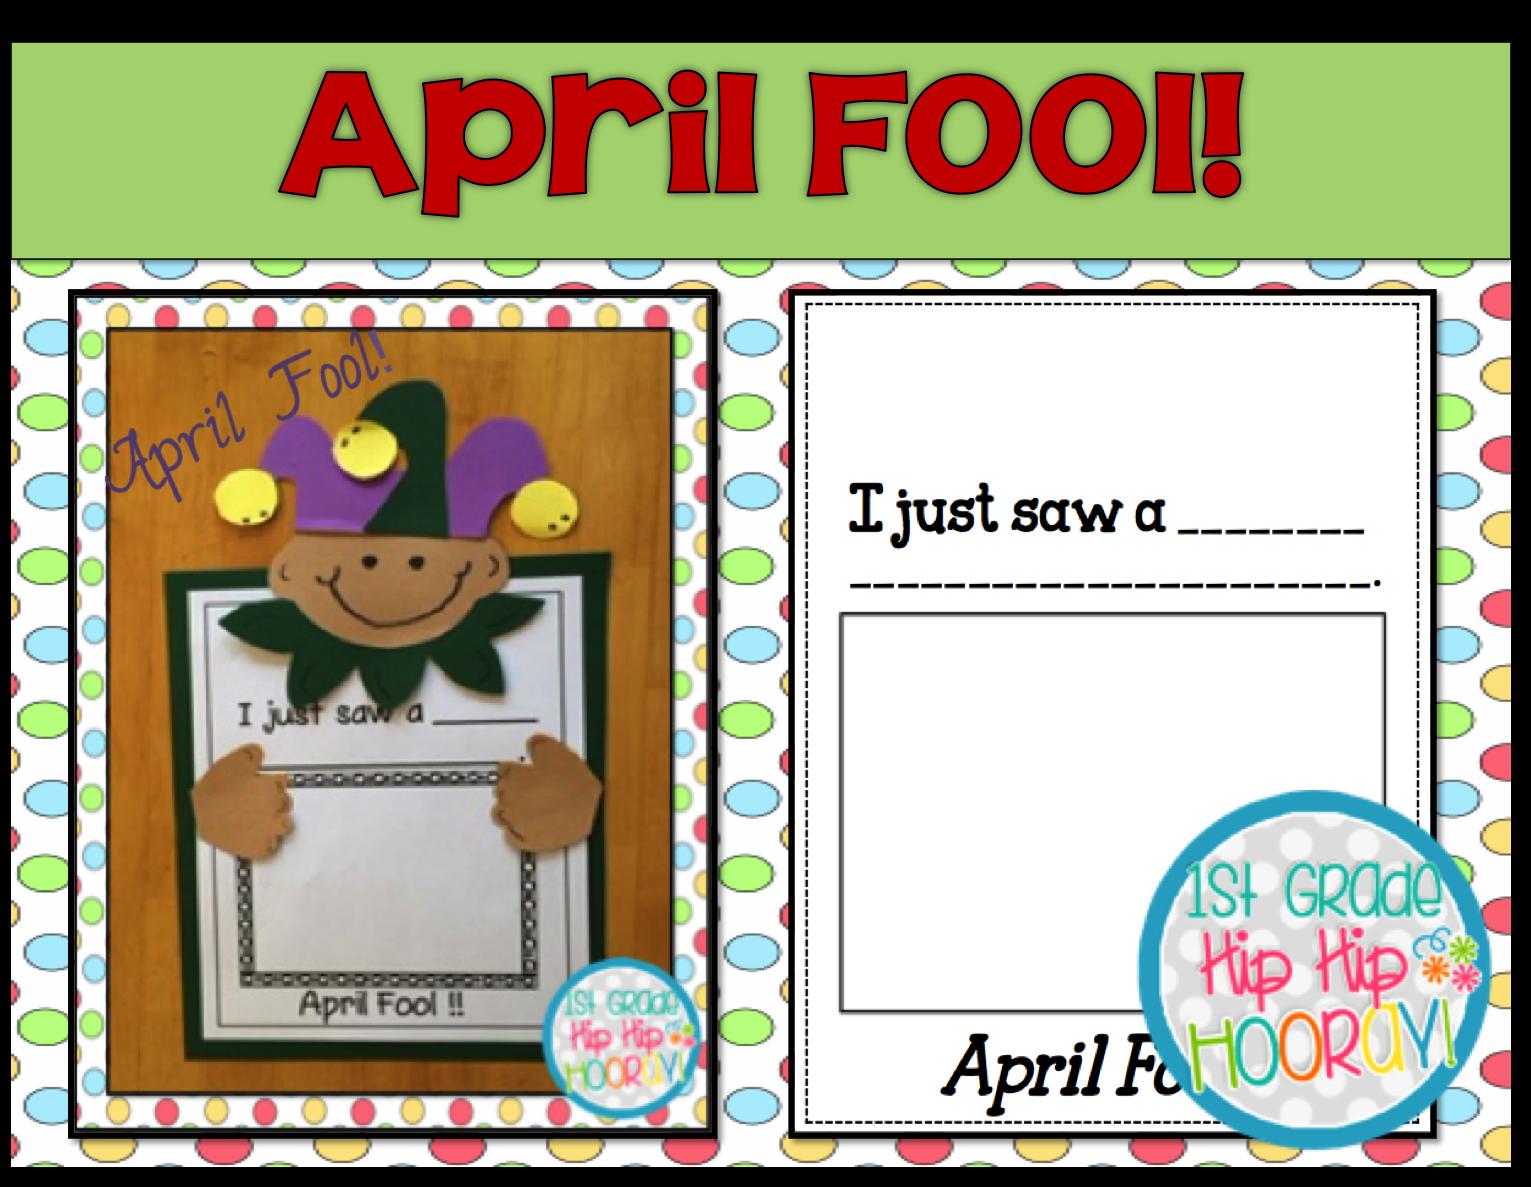 1st Grade Hip Hip Hooray April Fool